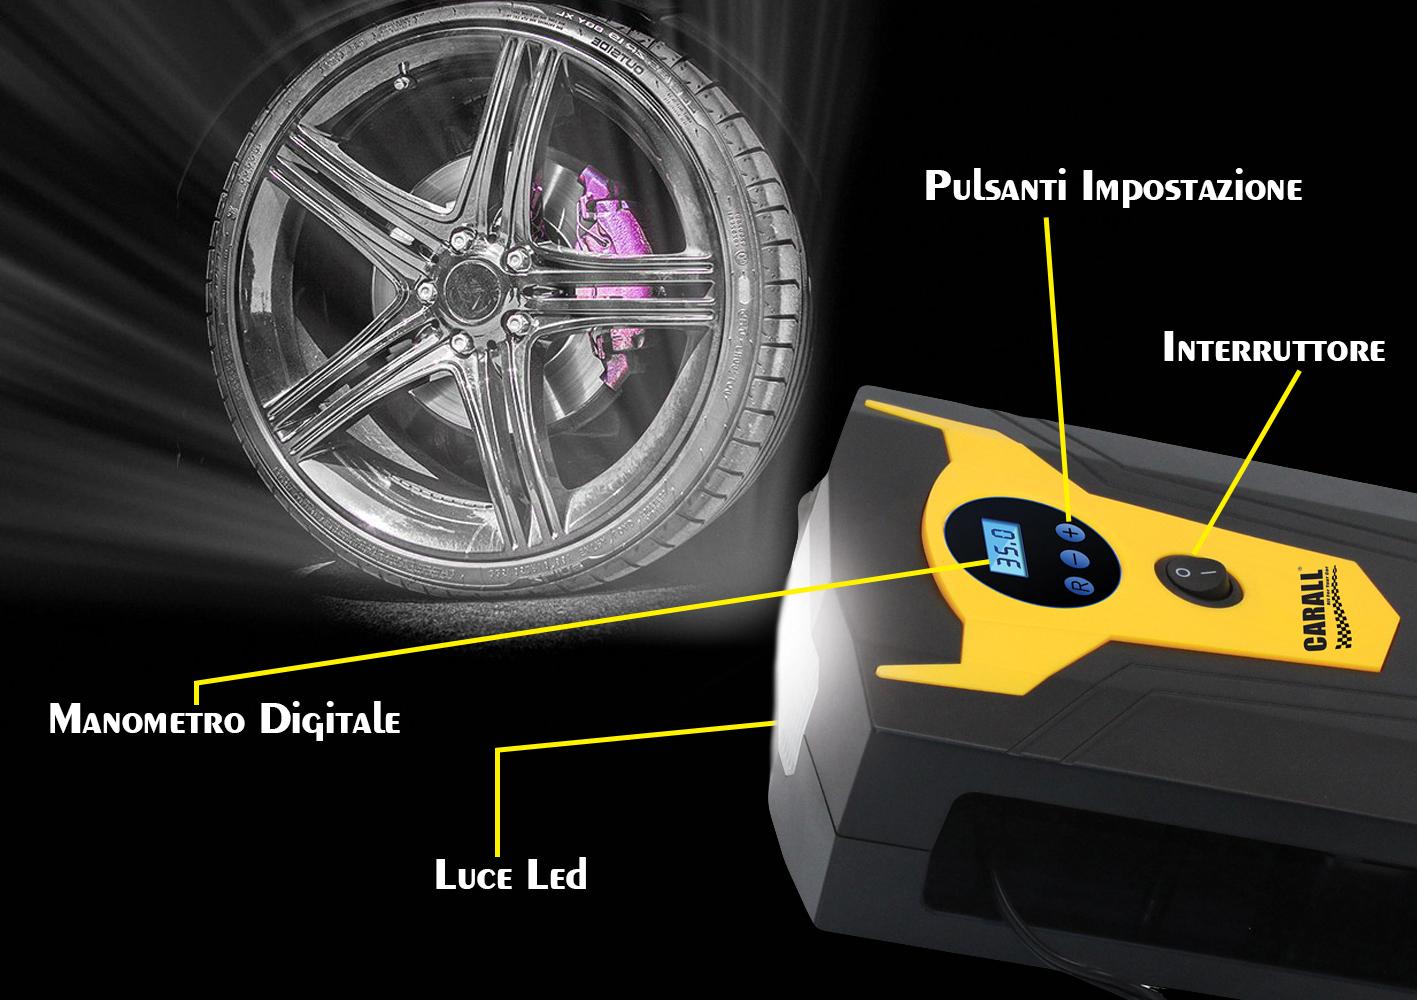 Compressore Aria Portatile Pompa Digitale Per Auto Moto Bici Con Accendisigari Si Ferma In Automatico Con Luce Led Per Uso Notturno - PZ